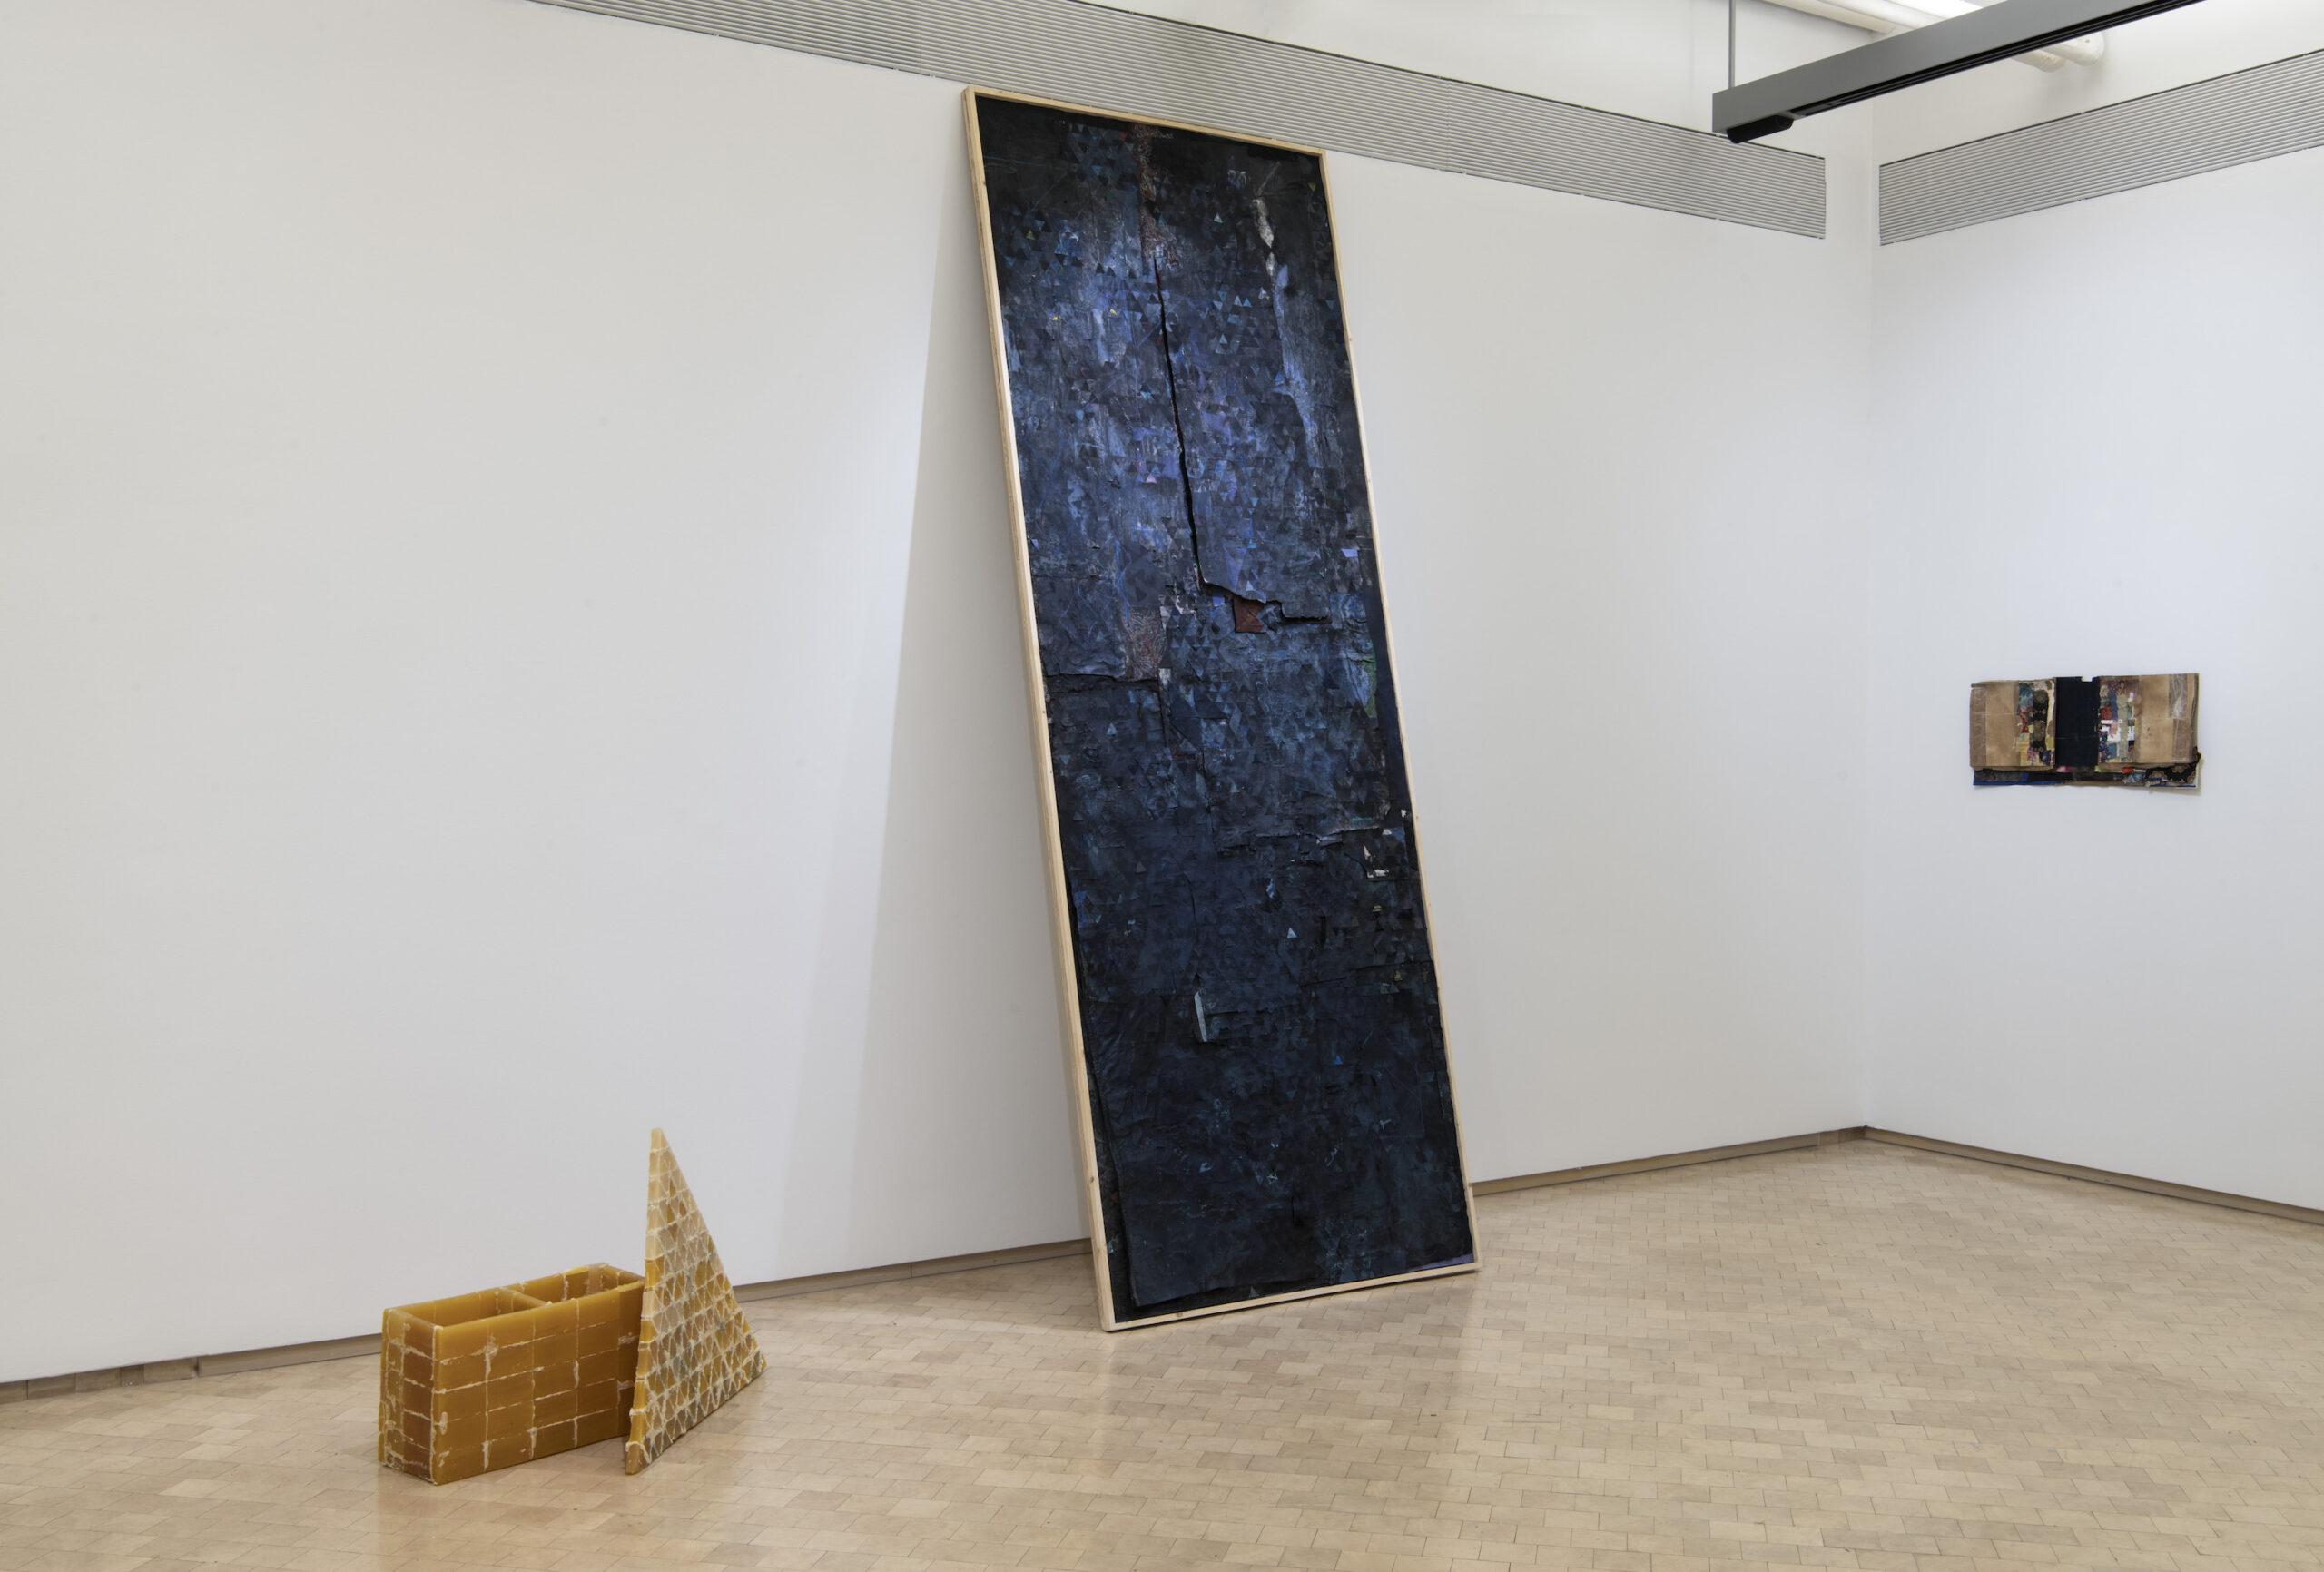 Yanira Collado, Estamos Bien-La Trienal 20/21 (Installation View)